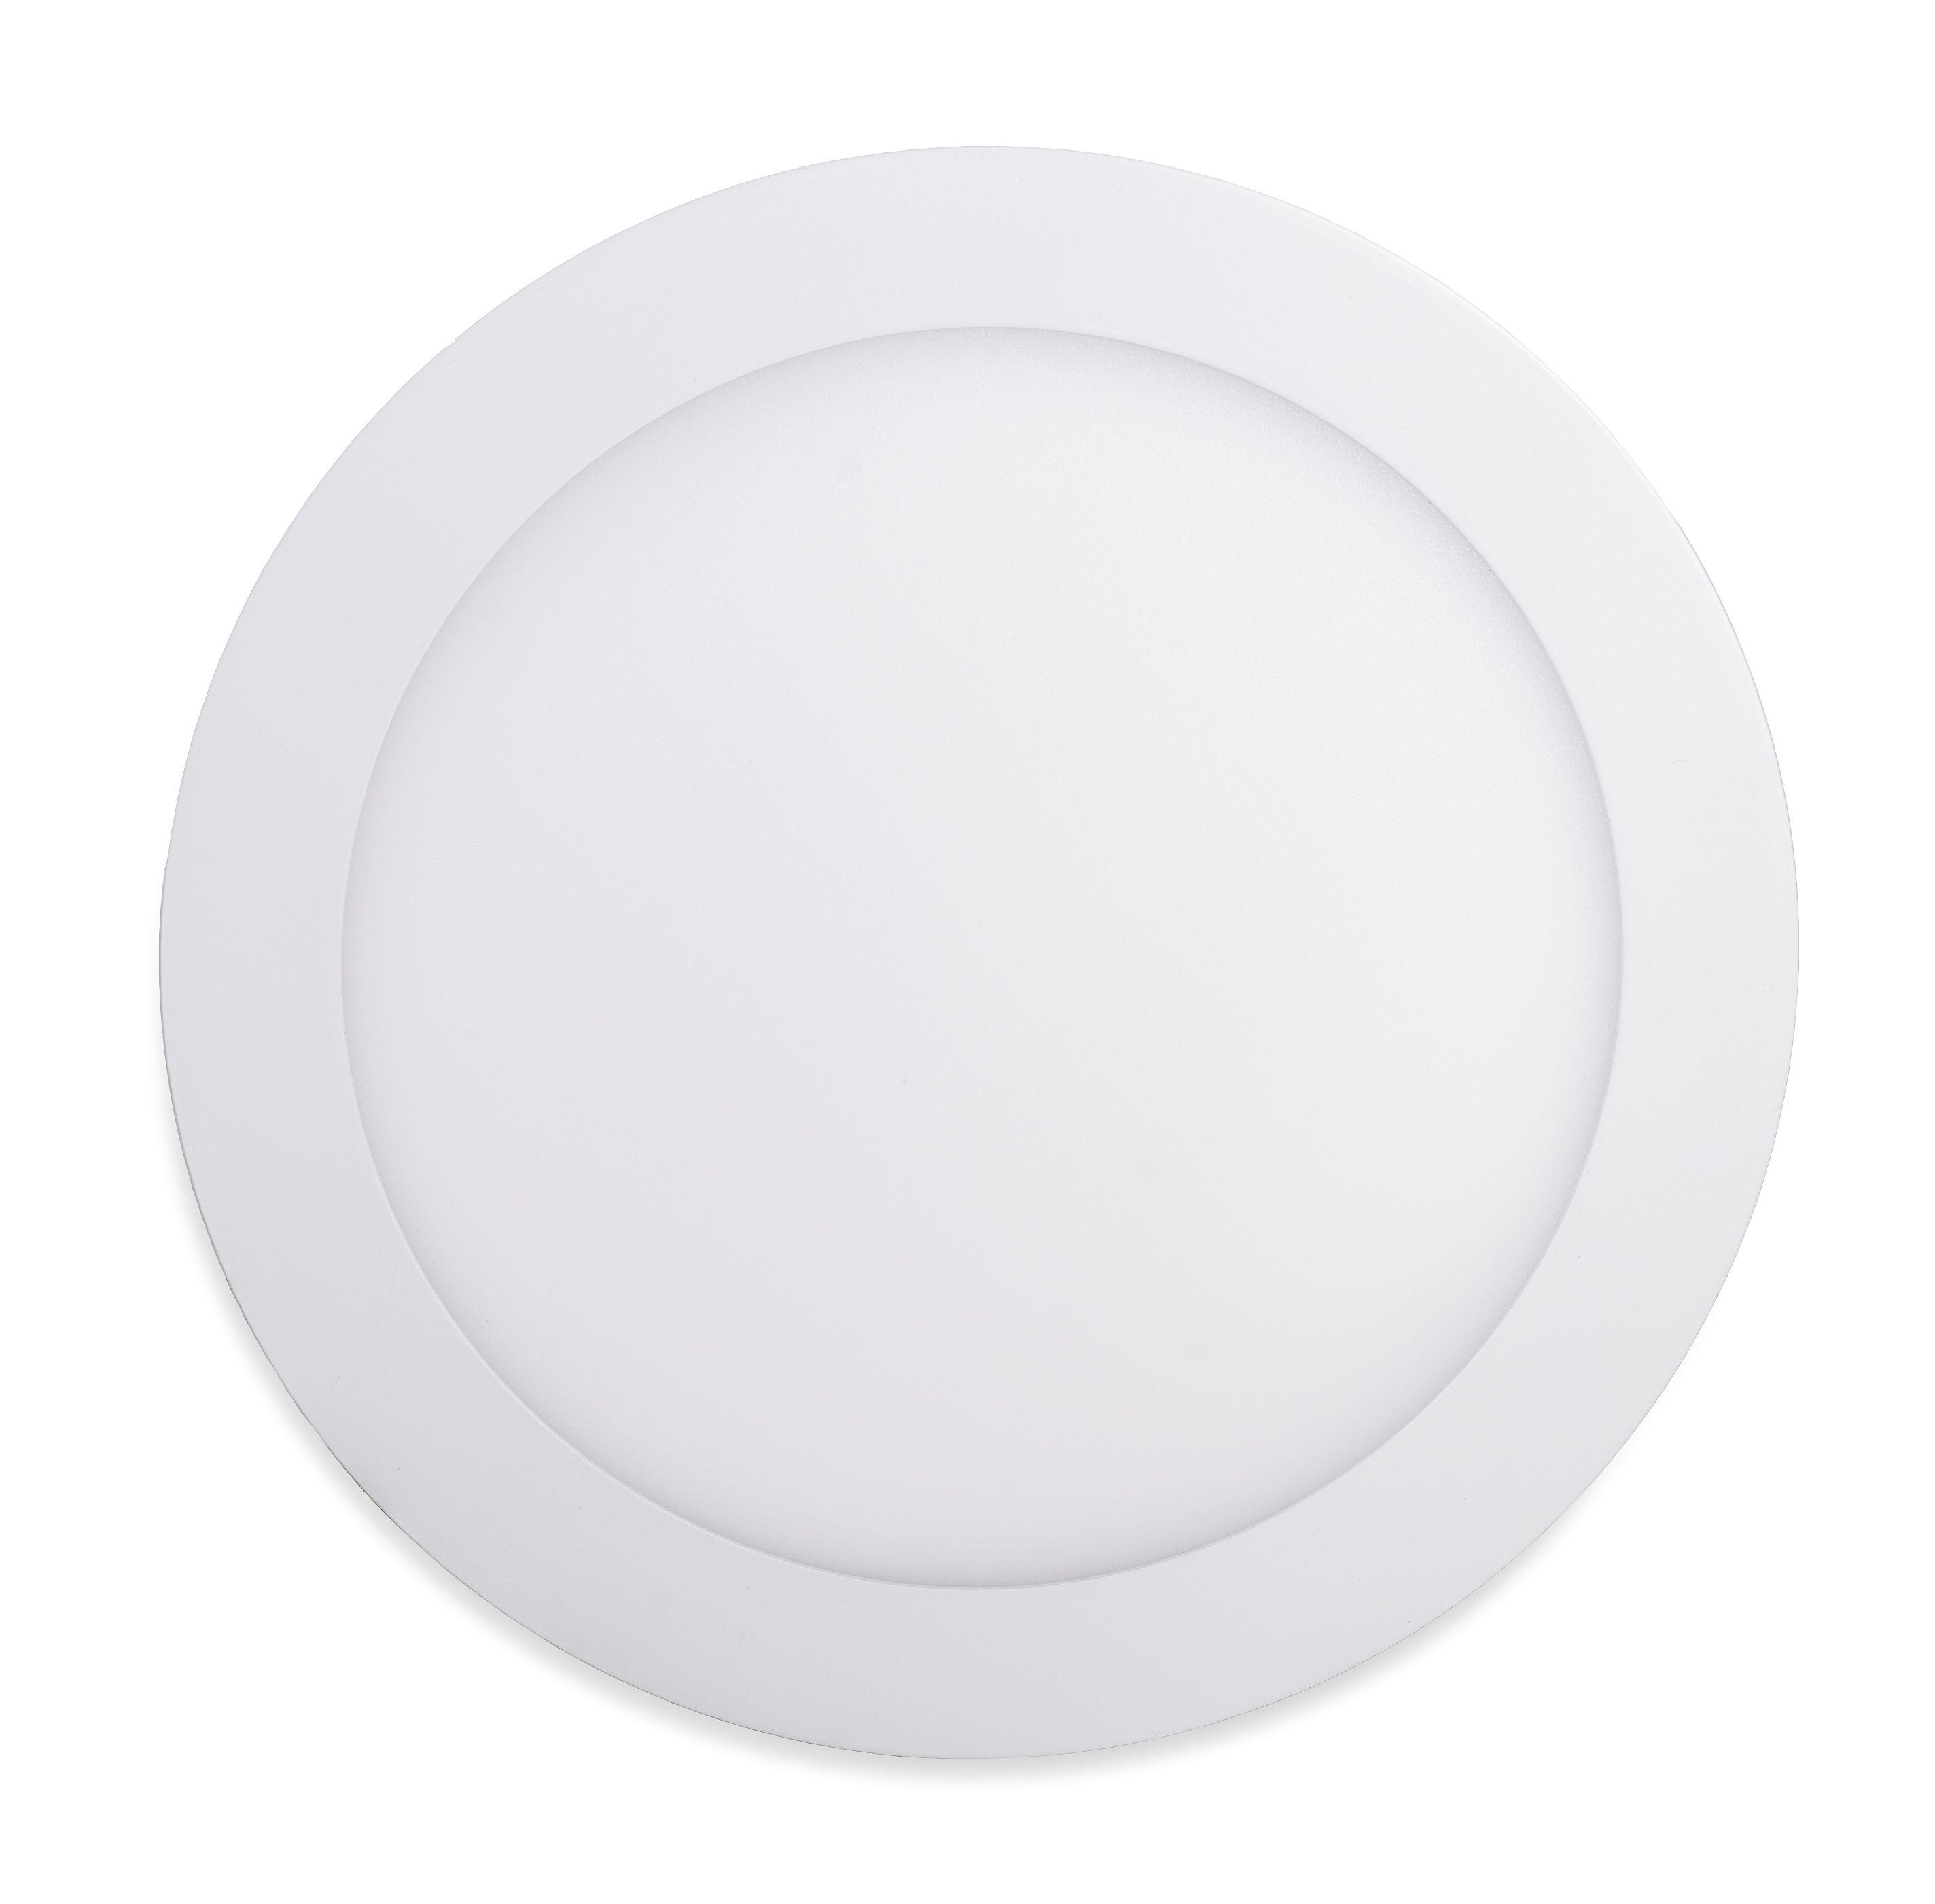 Ecolite Biely vstavaný LED panel guľatý 300mm 25W Farba svetla: Teplá biela